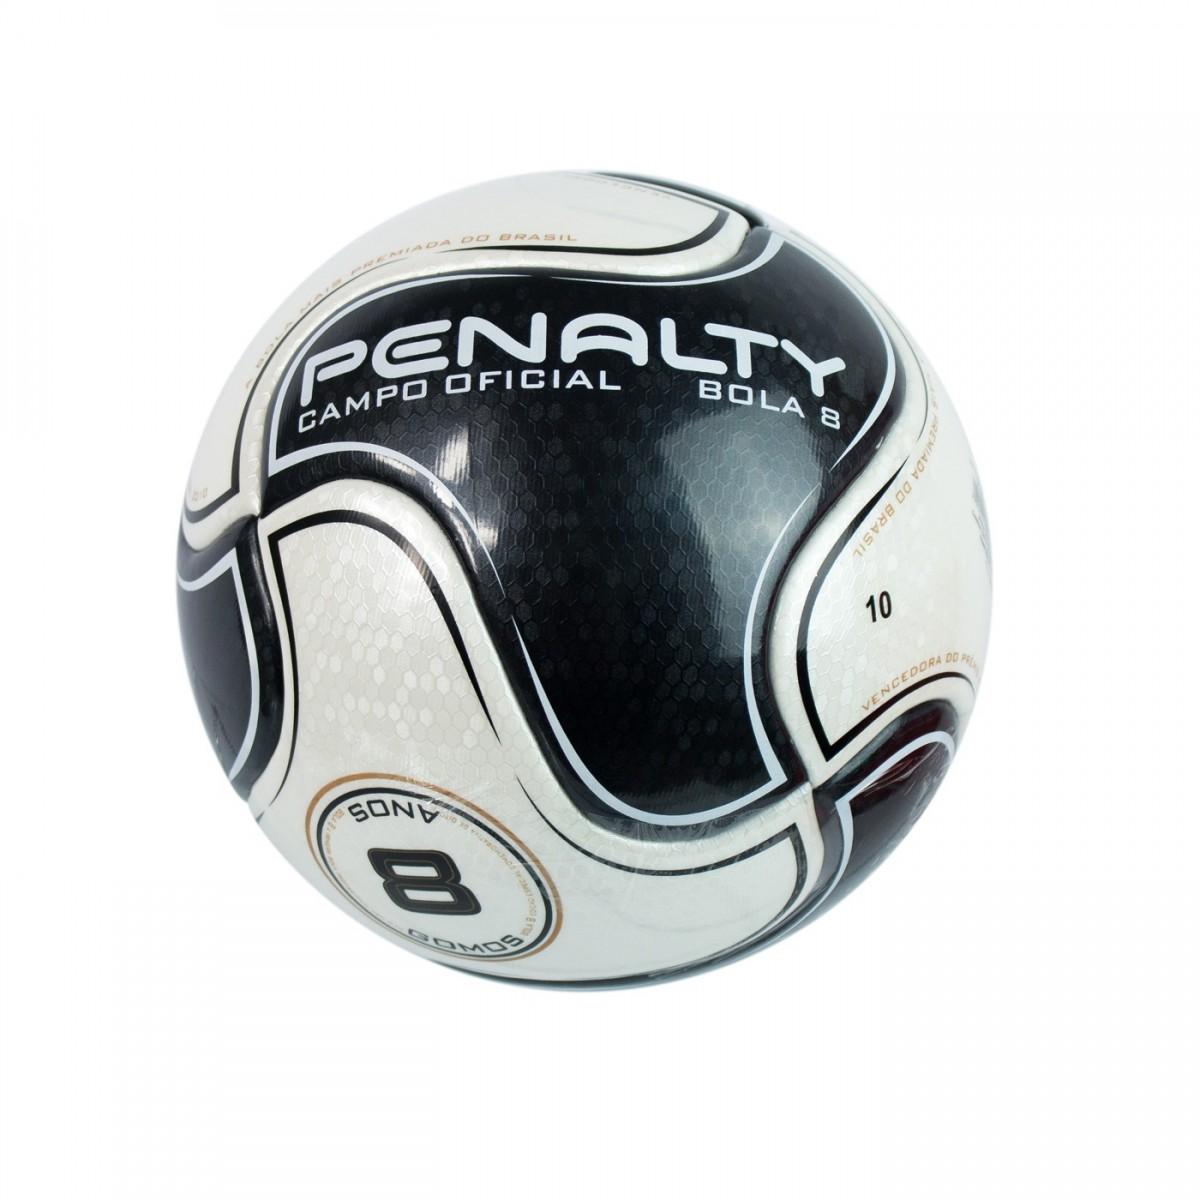 Bizz Store - Bola Futebol de Campo Penalty S11 R1 Branco Preto fb08e6a0620c1